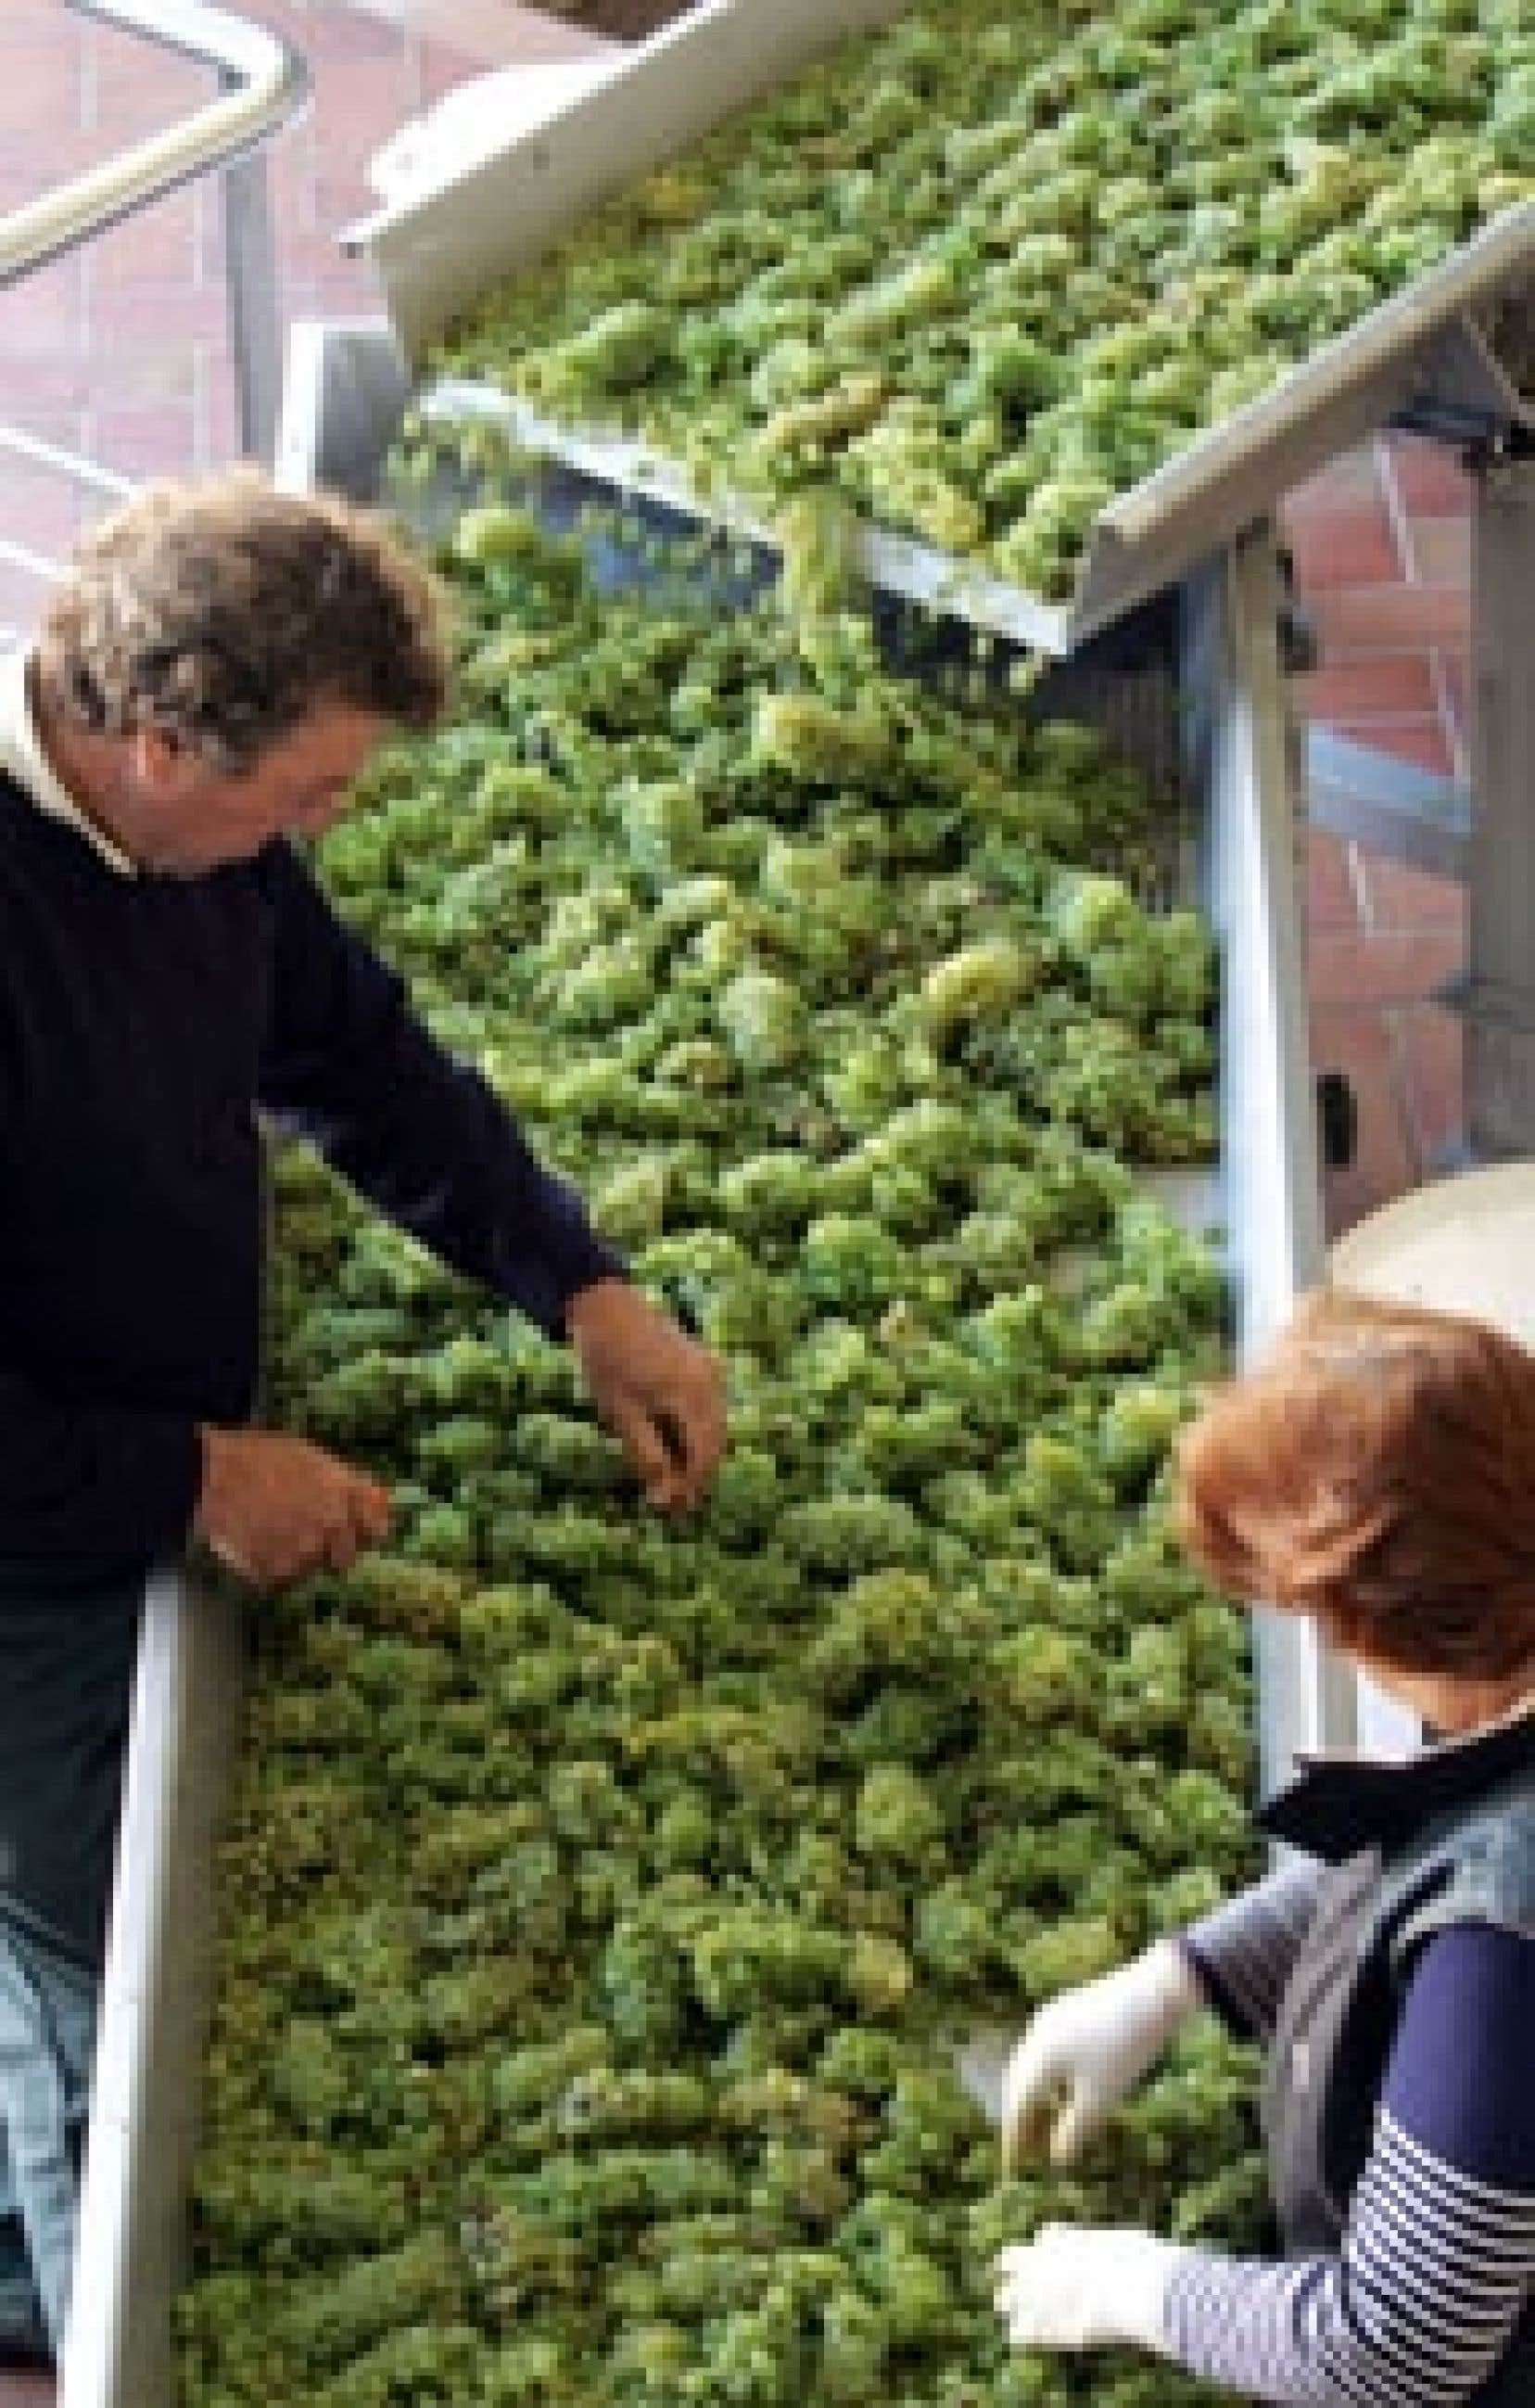 Après les pâtes et papiers, Kruger touchera désormais au monde du vin.